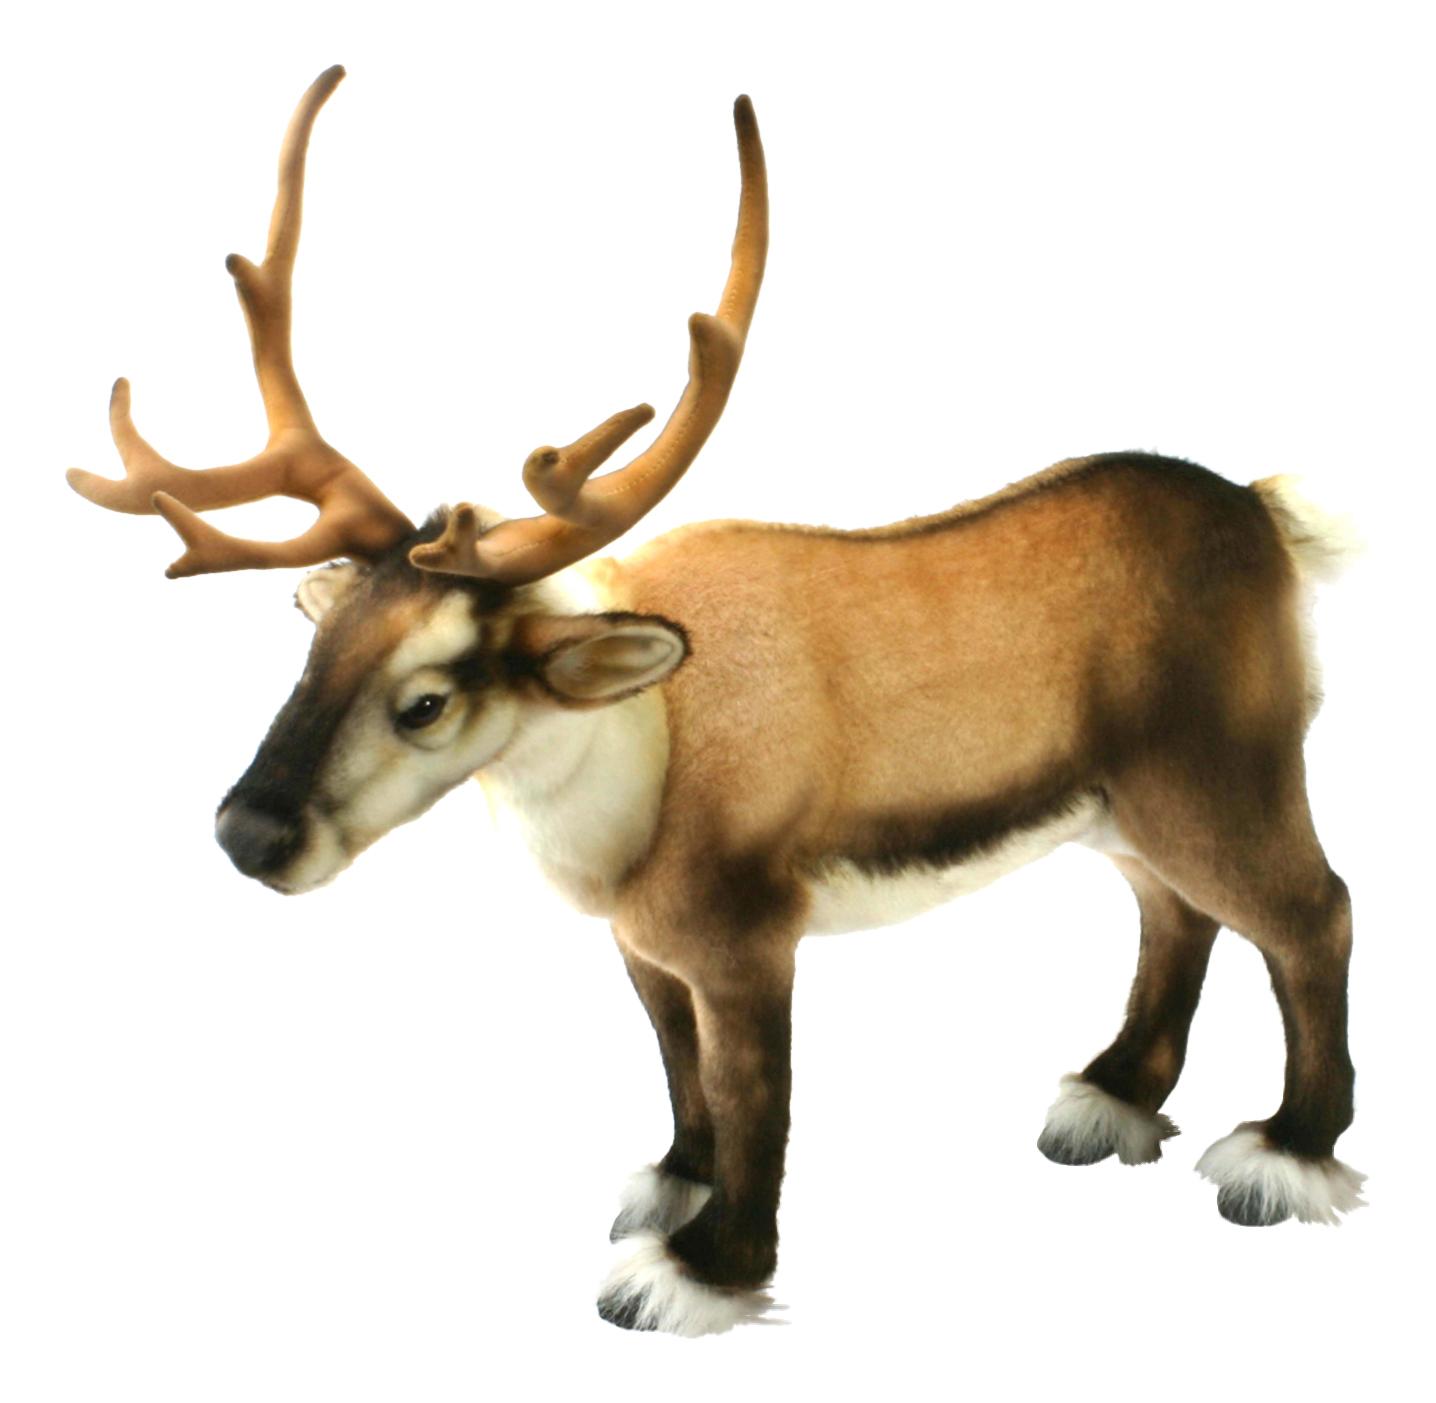 Купить Северный олень, Мягкая игрушка Hansa Олень Северный 50 см коричневый 4589, Мягкие игрушки животные